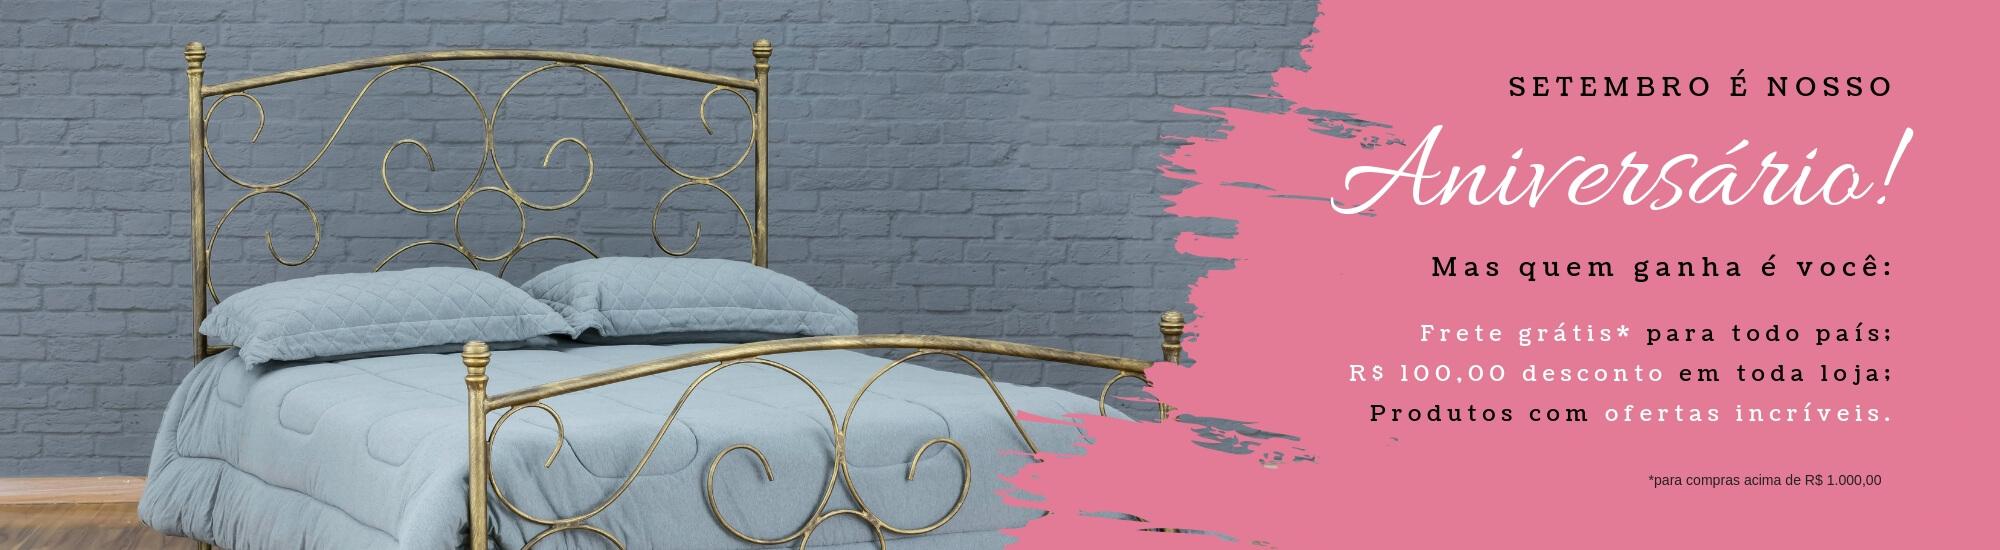 Cupom de frete grátis para camas de ferro